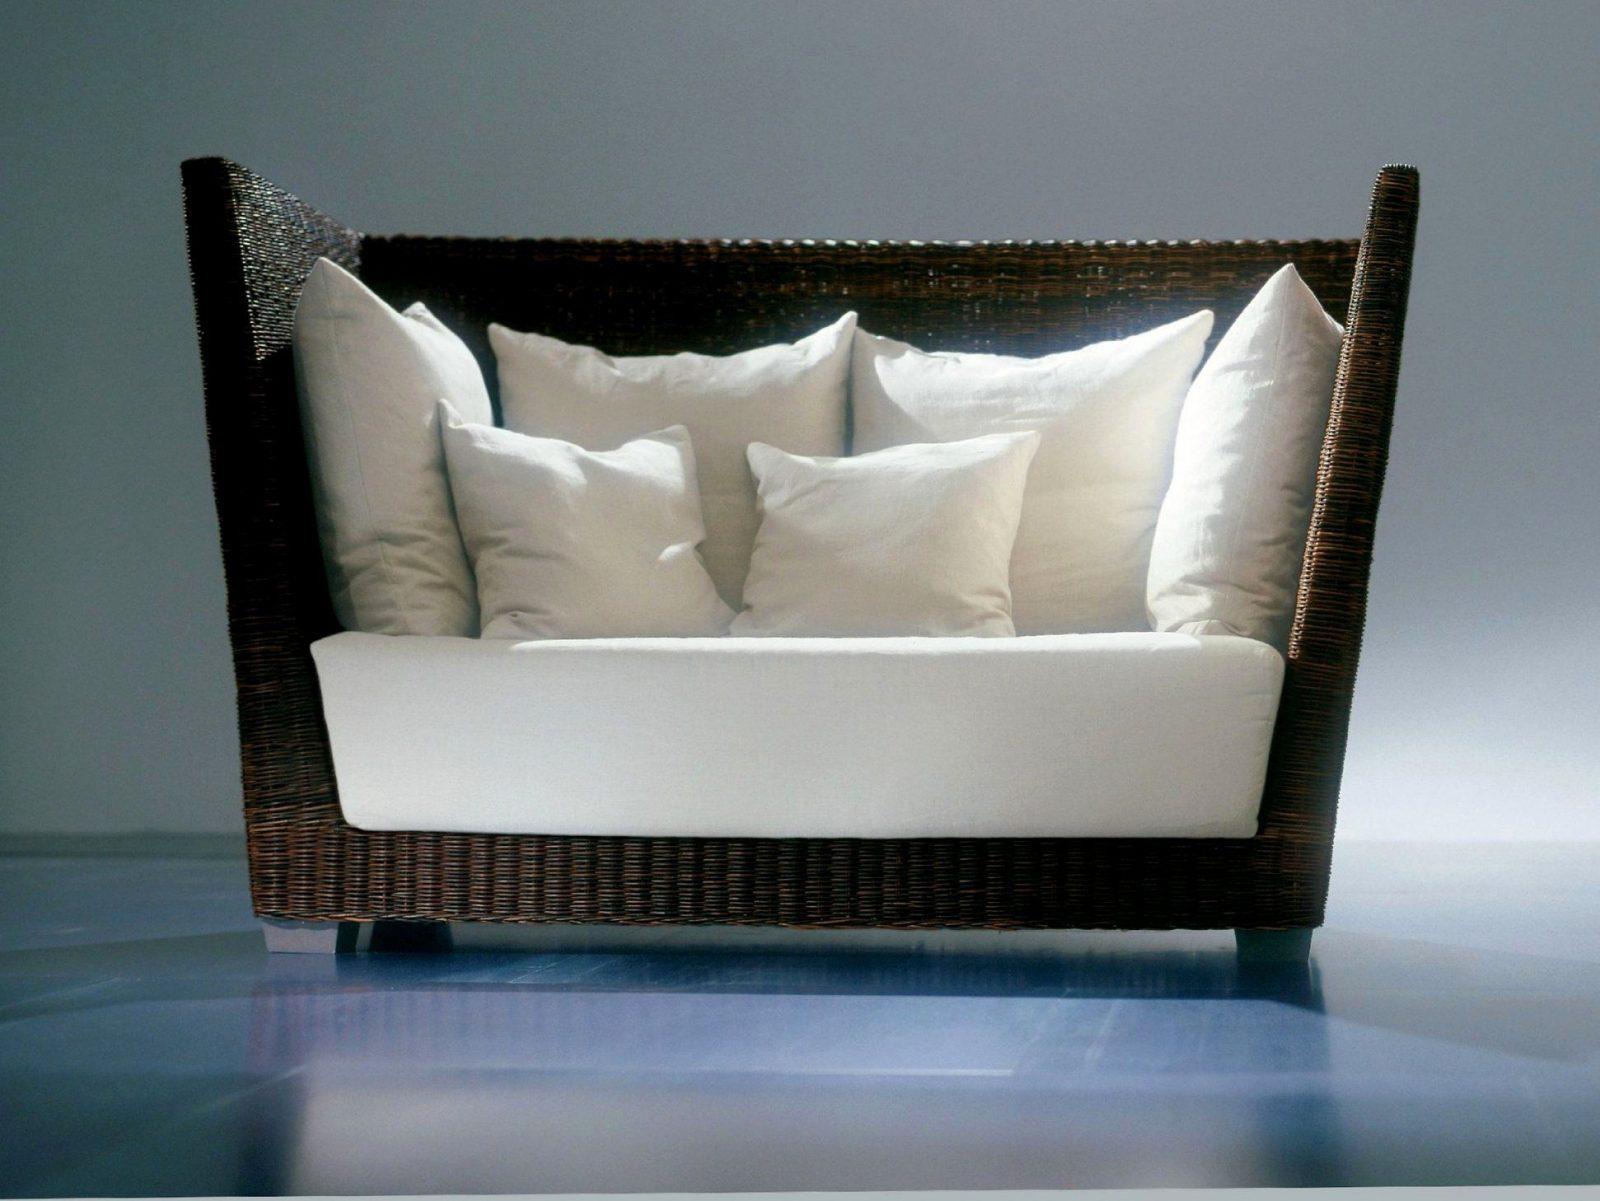 Fantastische Ideen Sofa Hohe Lehne  Alle Möbel von Couch Mit Hoher Rückenlehne Bild